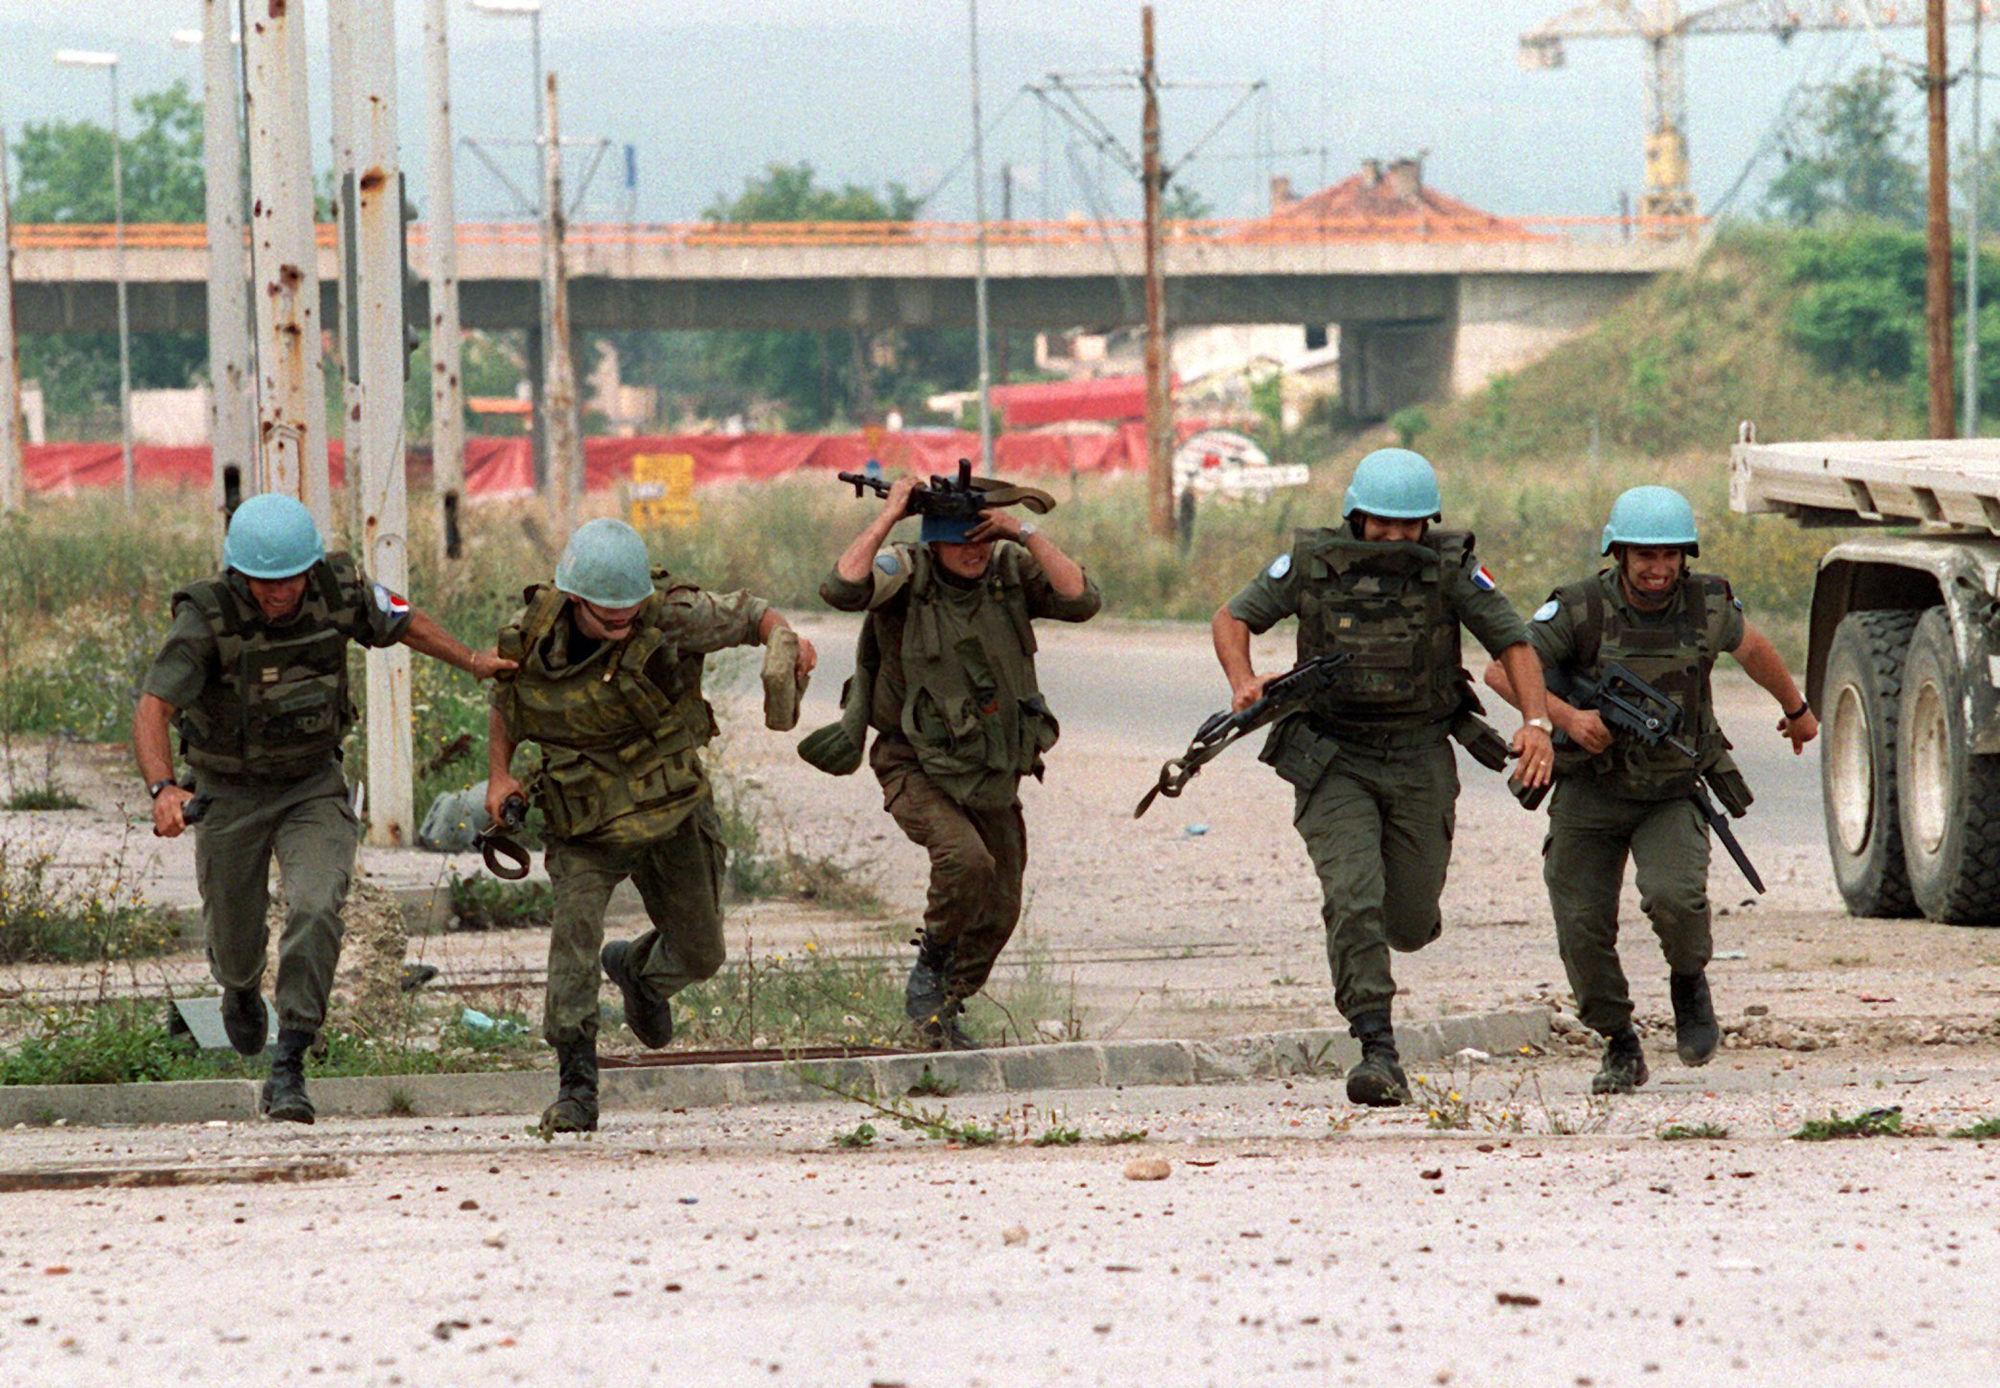 GOSEE ART: UN-Soldaten unter Beschuss, Sarajevo, Bosnien,  20. Juli 1994  © Anja Niedringhaus/EPA